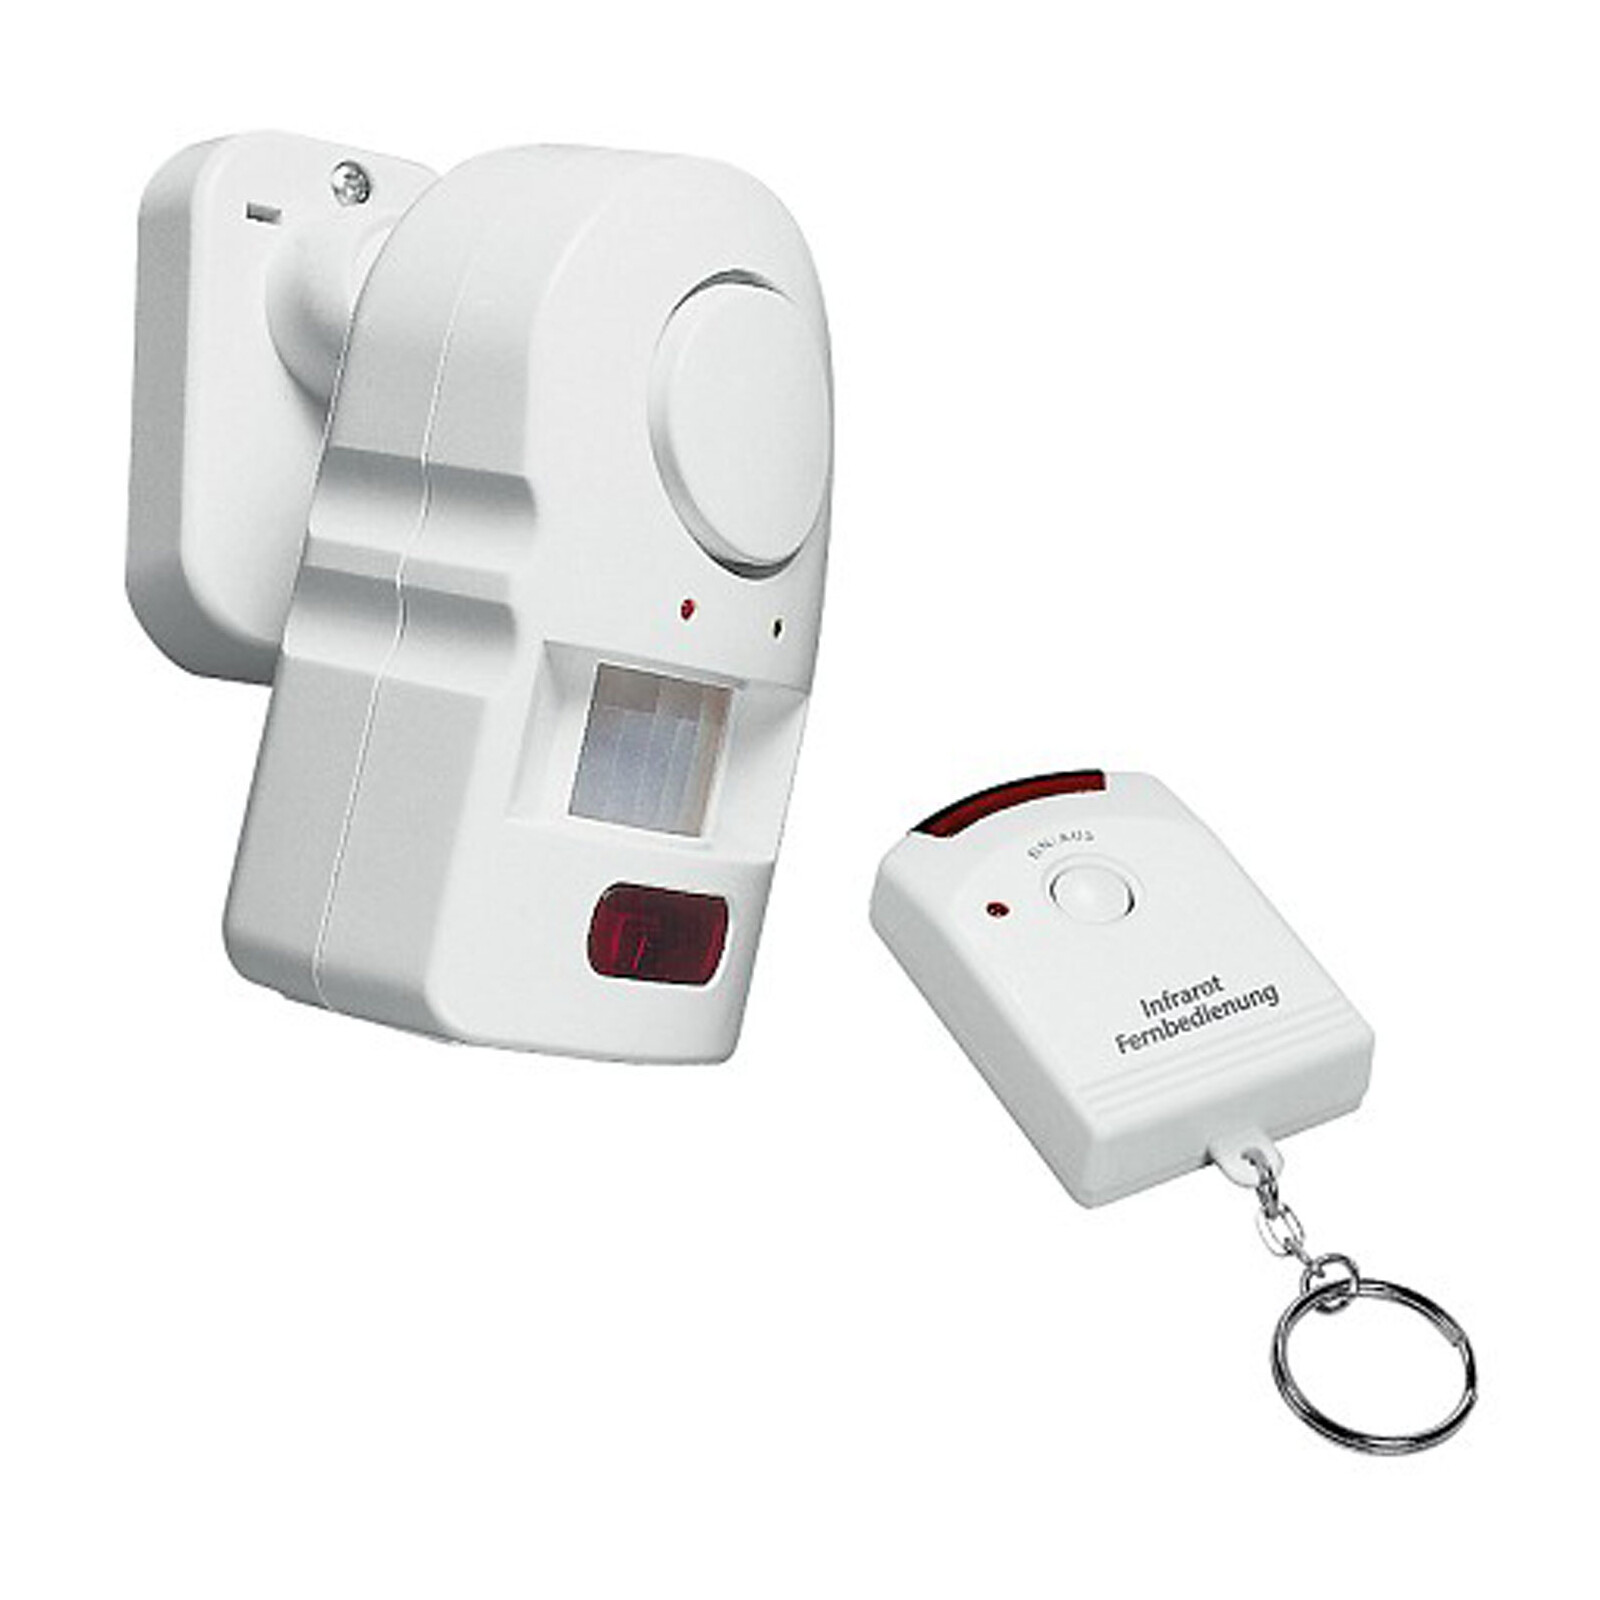 Indexa MA-03 Mini Alarm